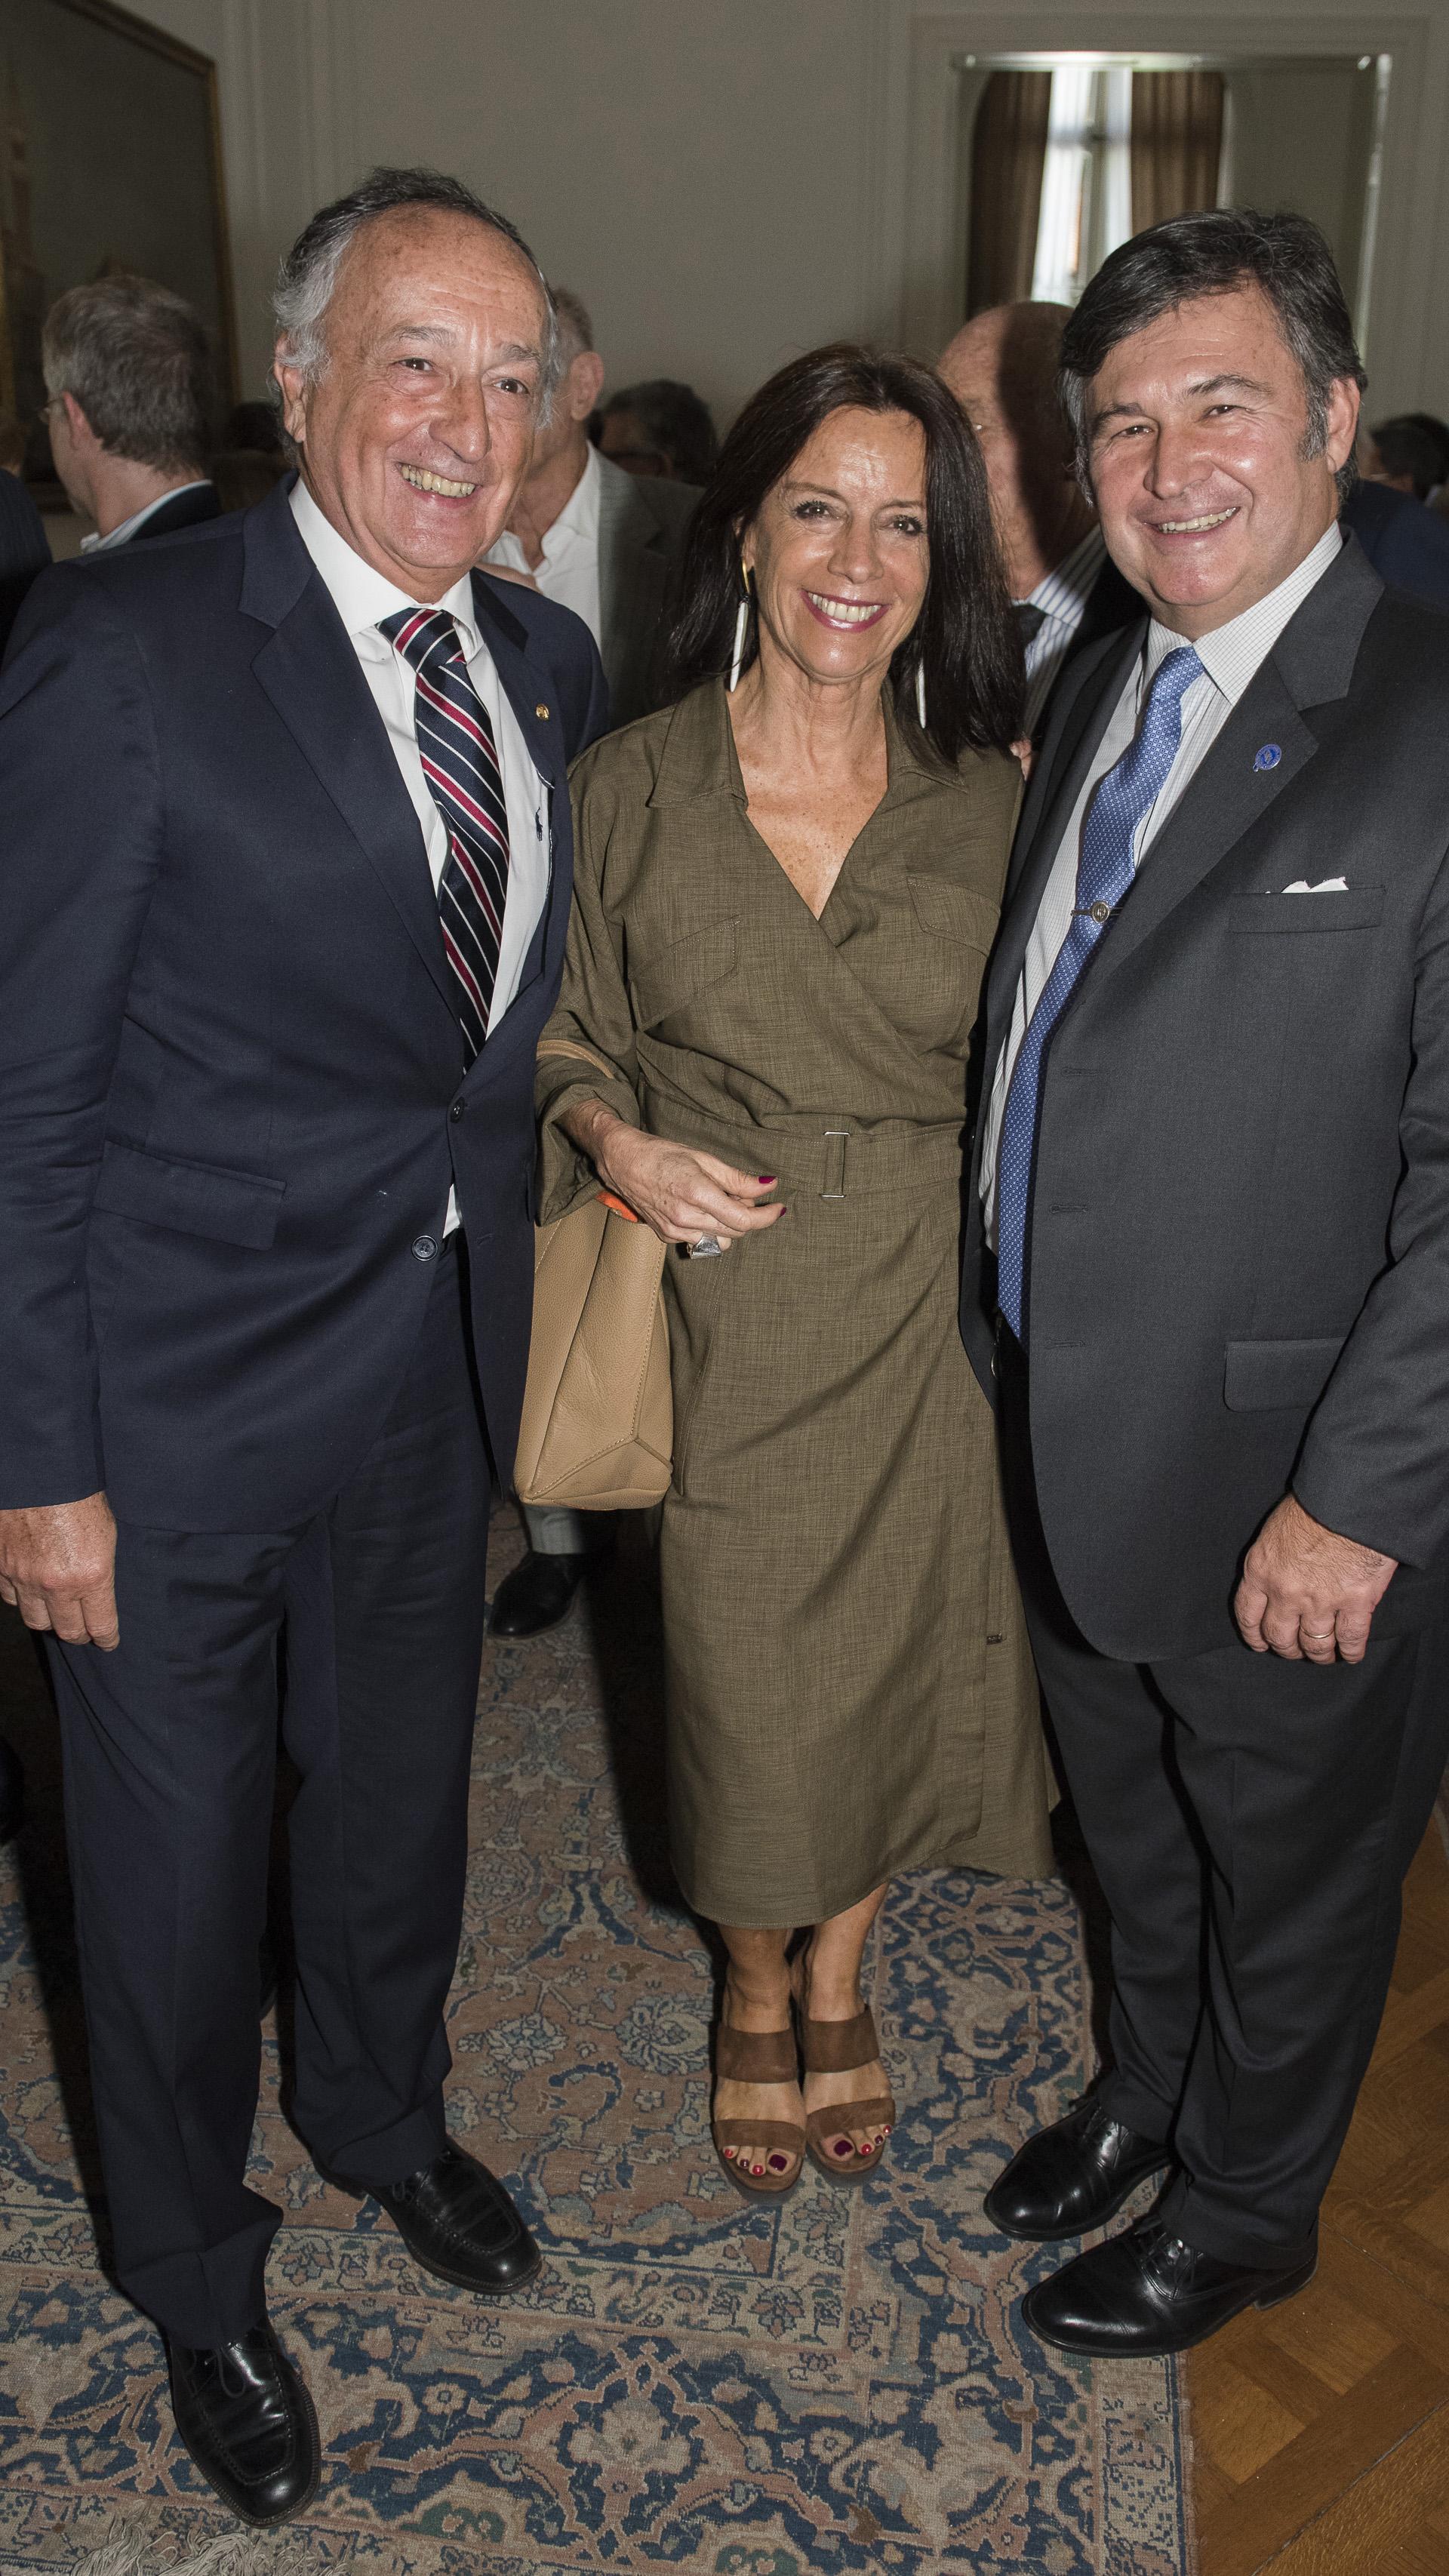 Miguel Acevedo: Konex de Platino en la disciplina Dirigentes Empresarios, junto a Carolina Barros (Corporación América) y Daniel Pelegrina, presidente de la Sociedad Rural Argentina